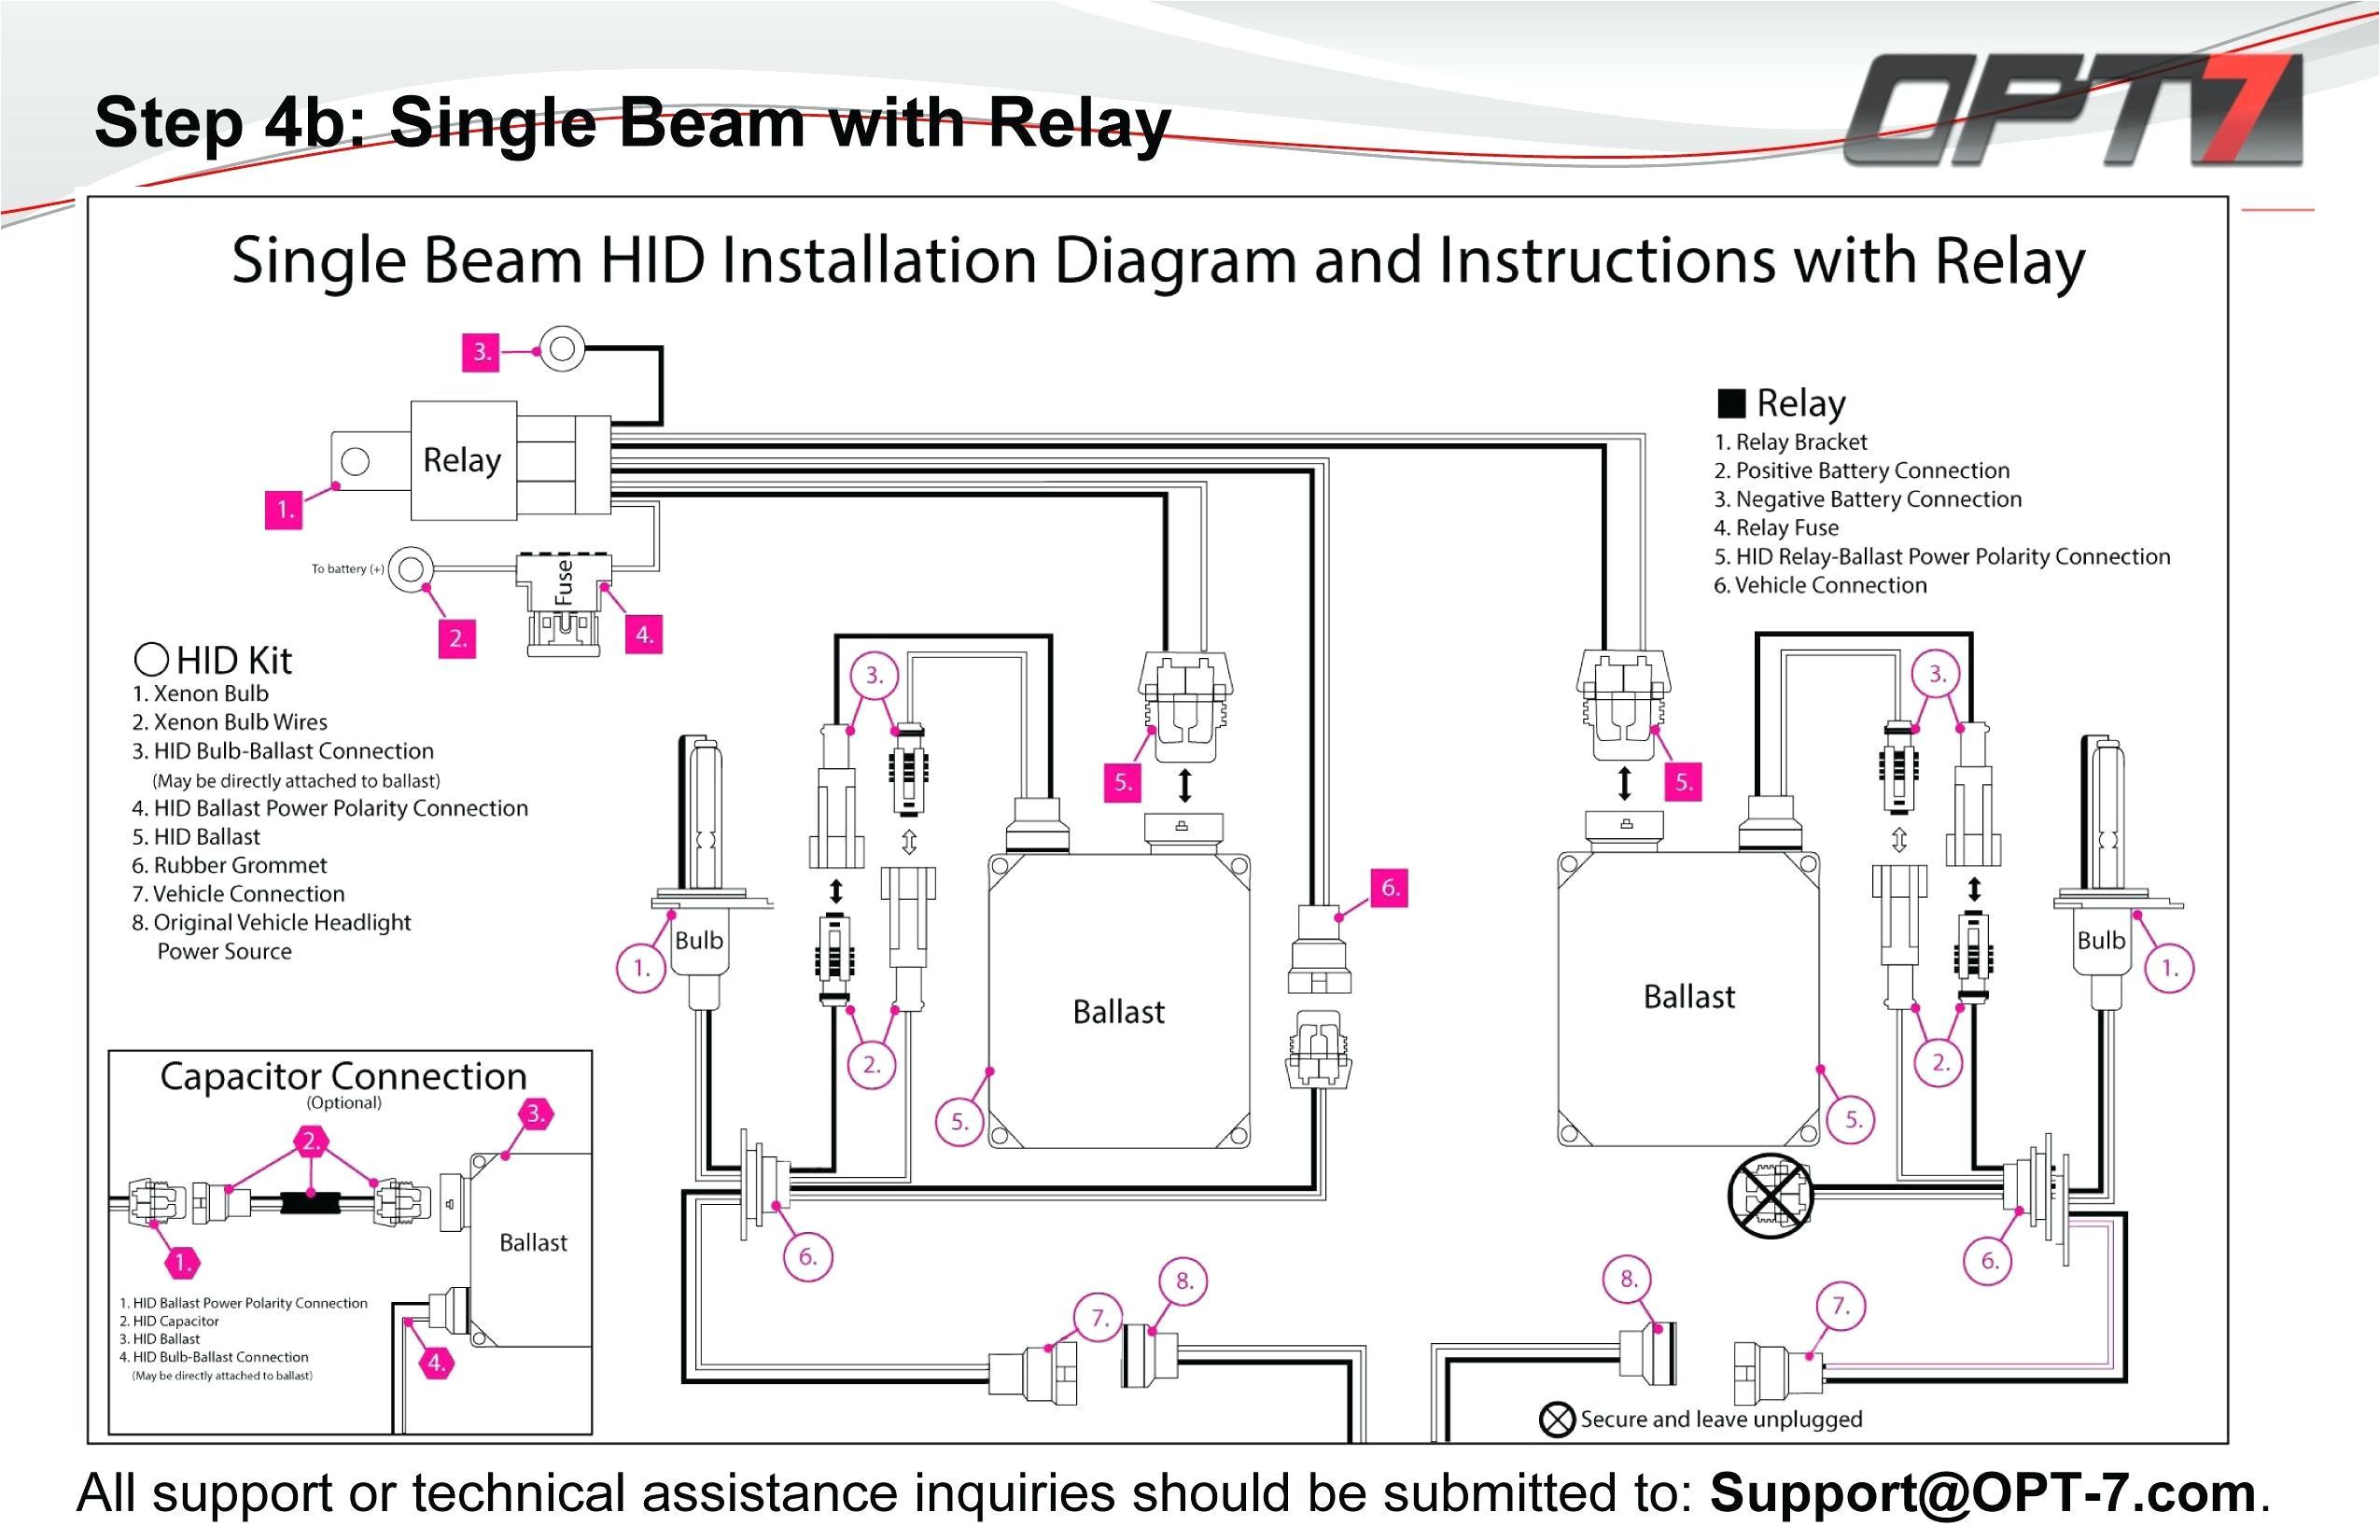 fulham wh2 120 c wiring diagram wiring diagram likewise fulham workhorse 5 ballast wire center u2022 rh boomerneur co 1t jpg